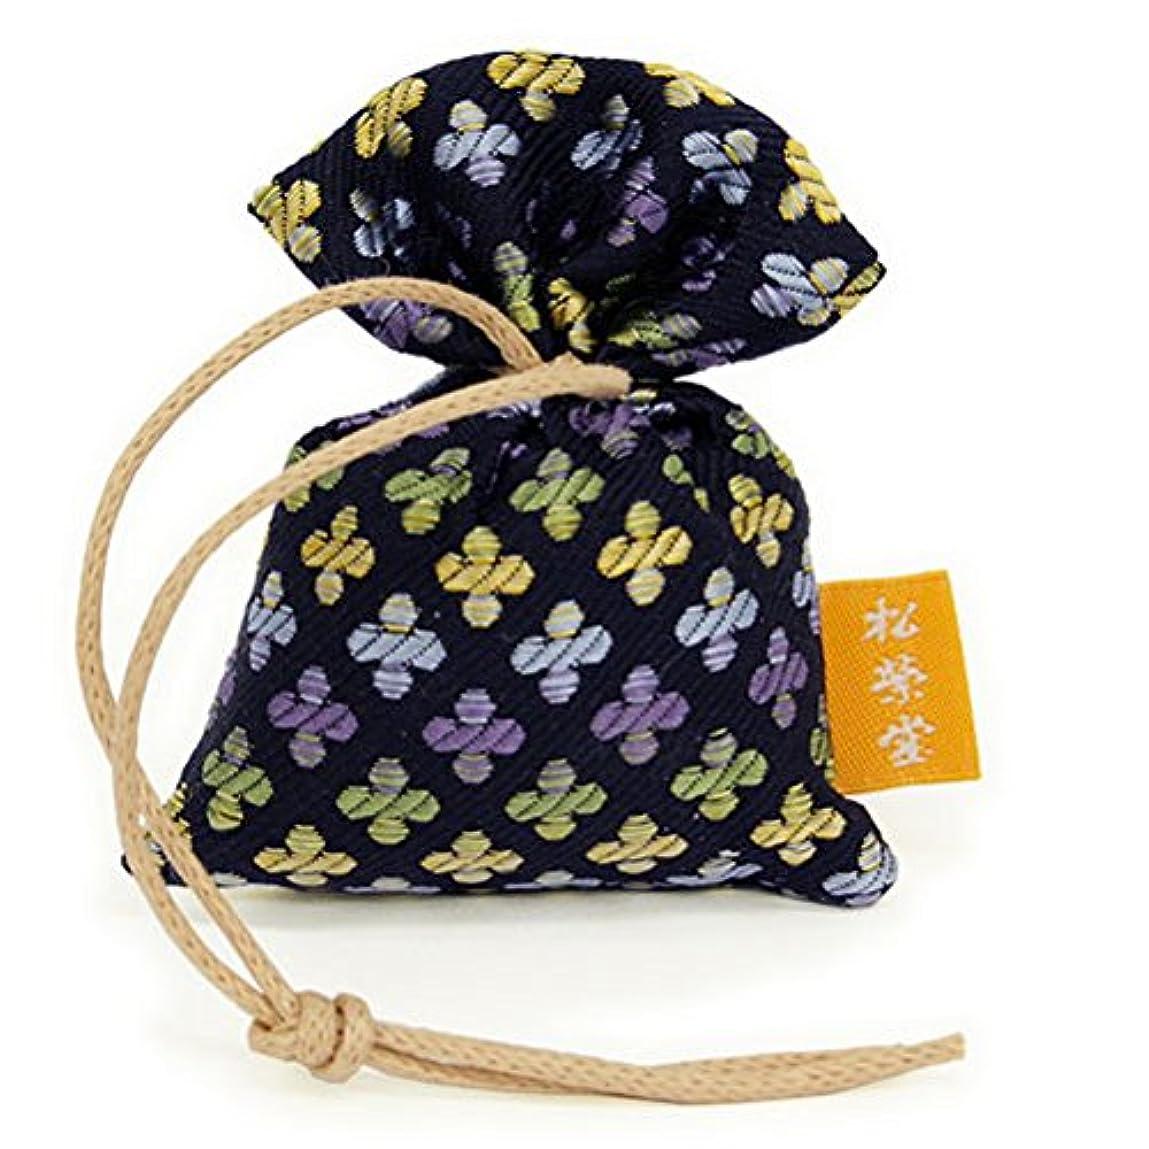 タバコバドミントン天匂い袋 誰が袖 薫 かおる 1個入 松栄堂 Shoyeido 本体長さ60mm (色?柄は選べません)